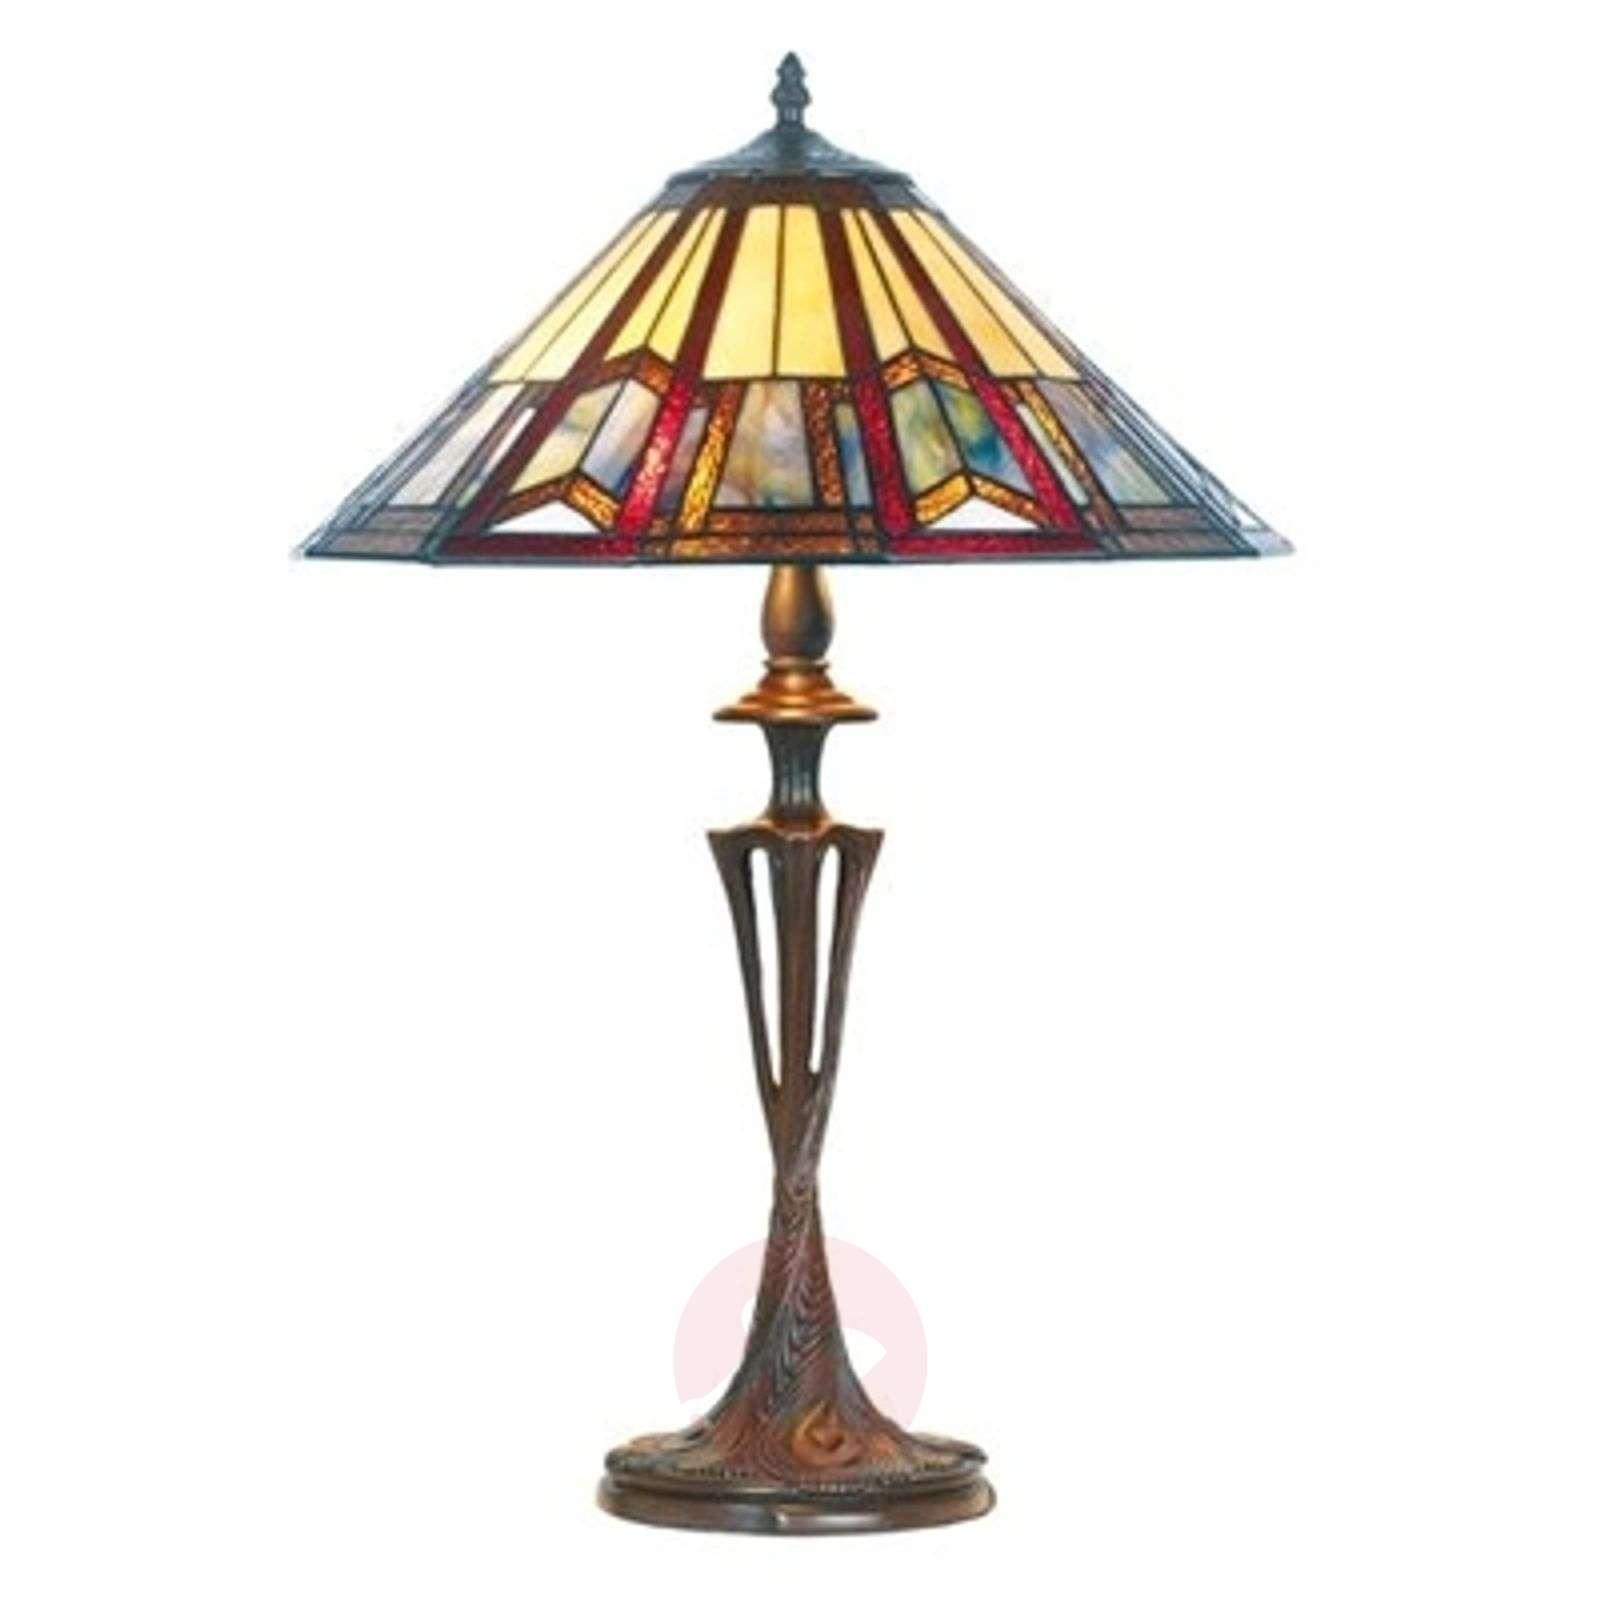 Elegantti Tiffany-tyylinen LILLIE-pöytävalaisin-1032185-01